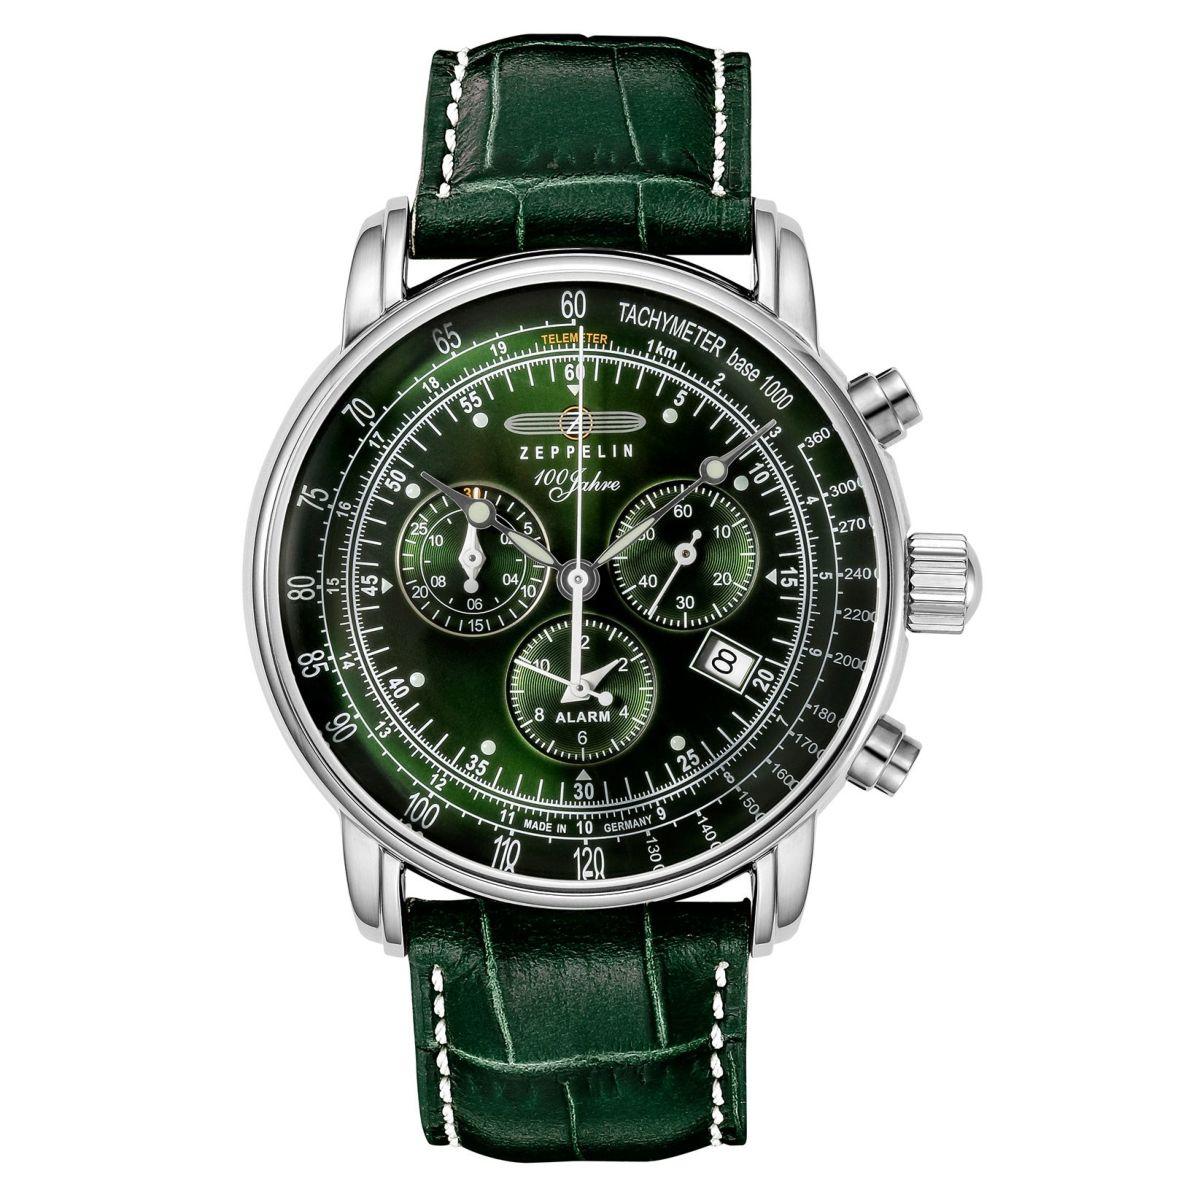 【今ならオリジナル折り畳み傘プレゼント】 ツェッペリン ZEPPELIN 8680-4 100周年記念モデル 日本限定モデル 替えベルト付き 正規品 腕時計